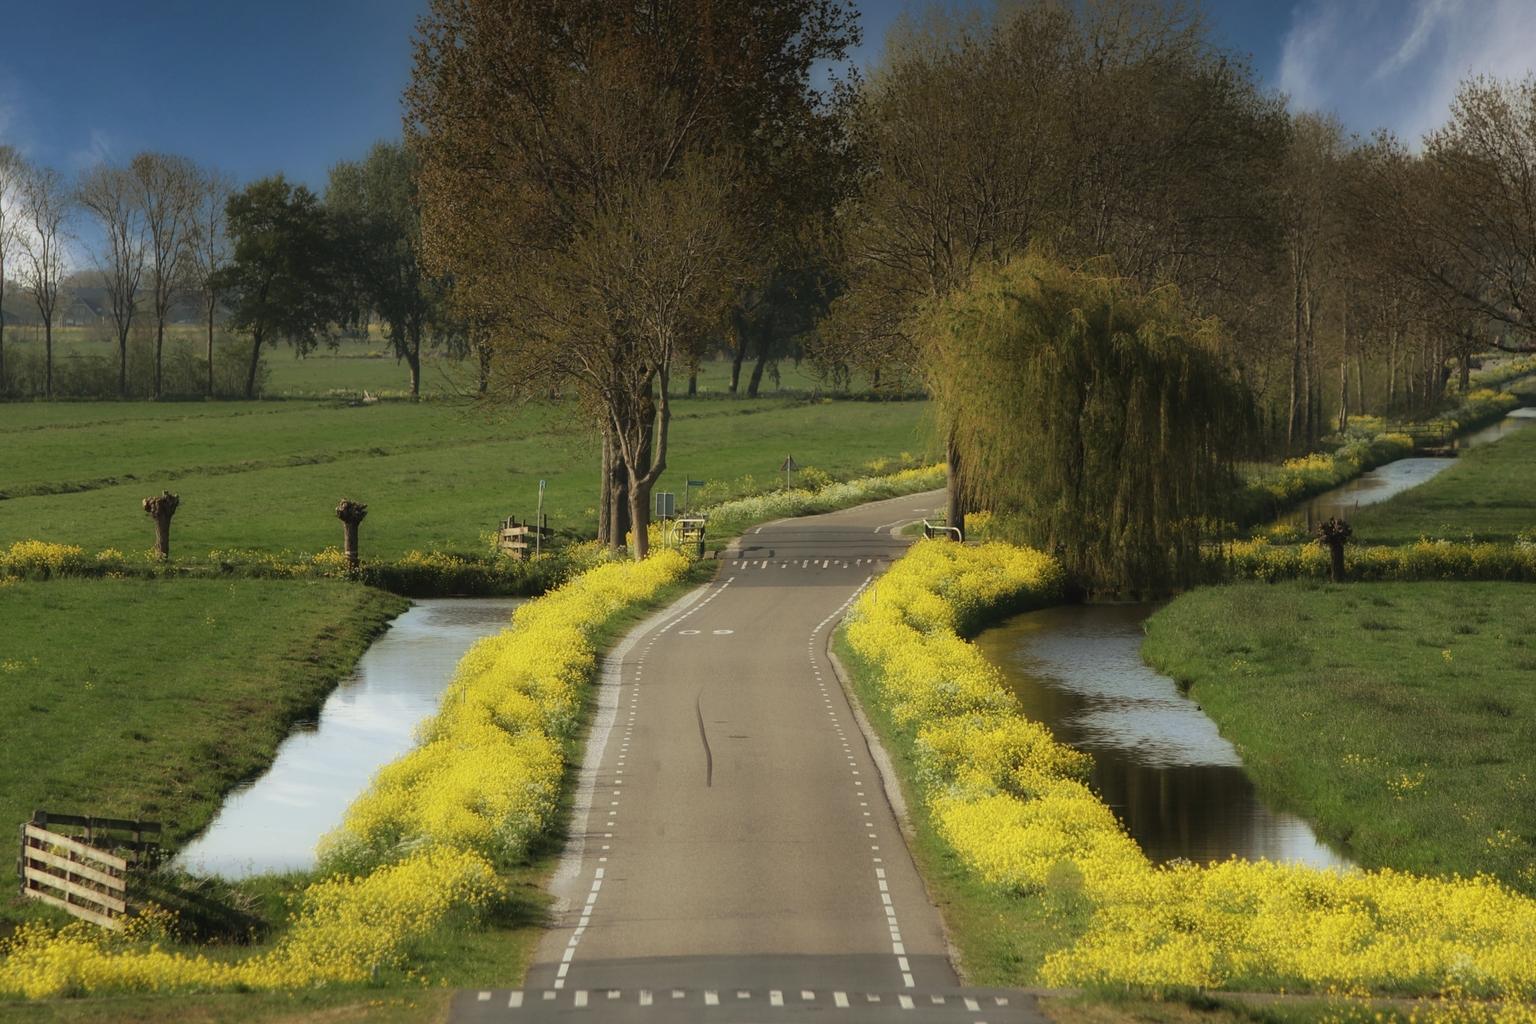 voorjaar 2021 - - - foto door onne1954 op 10-04-2021 - deze foto bevat: landschap, koolzaad, voorjaar, fabriek, lucht, water, blad, natuurlijk landschap, boom, land veel, weg oppervlak, bank, asfalt